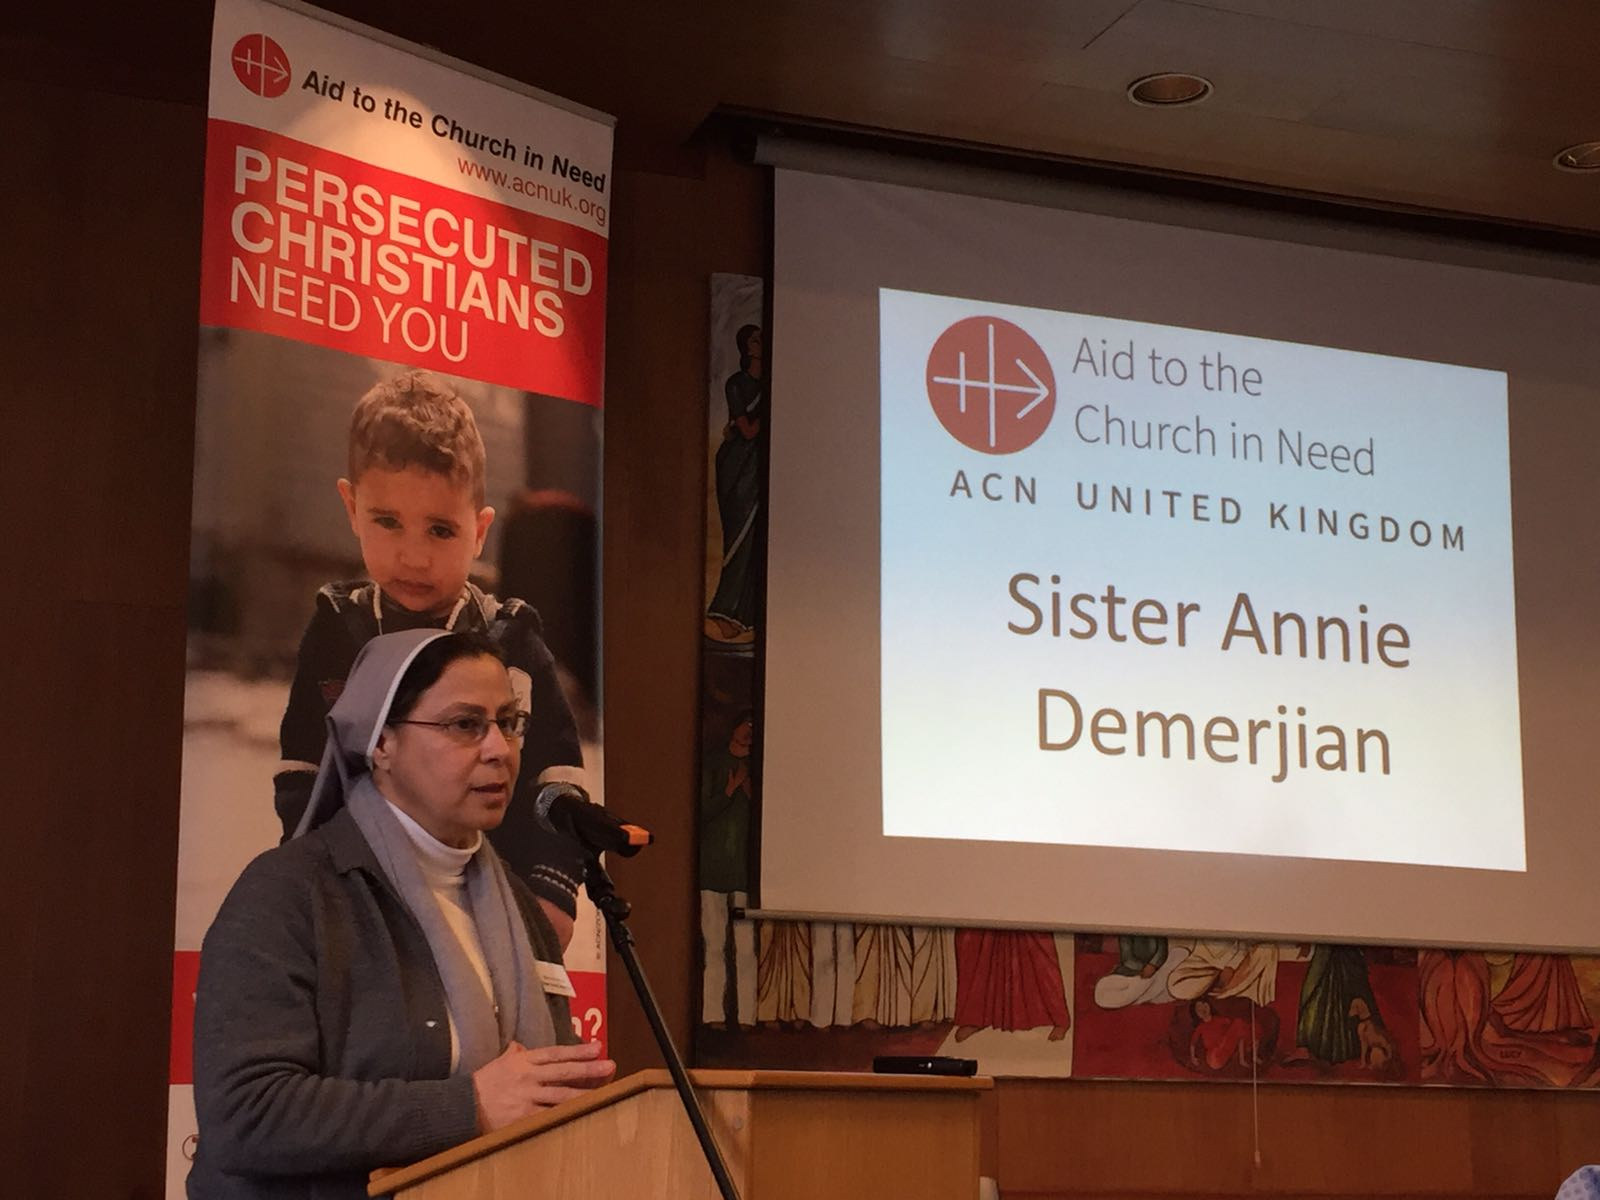 La crisis continúa en Siria pese al alto el fuego, asegura una religiosa